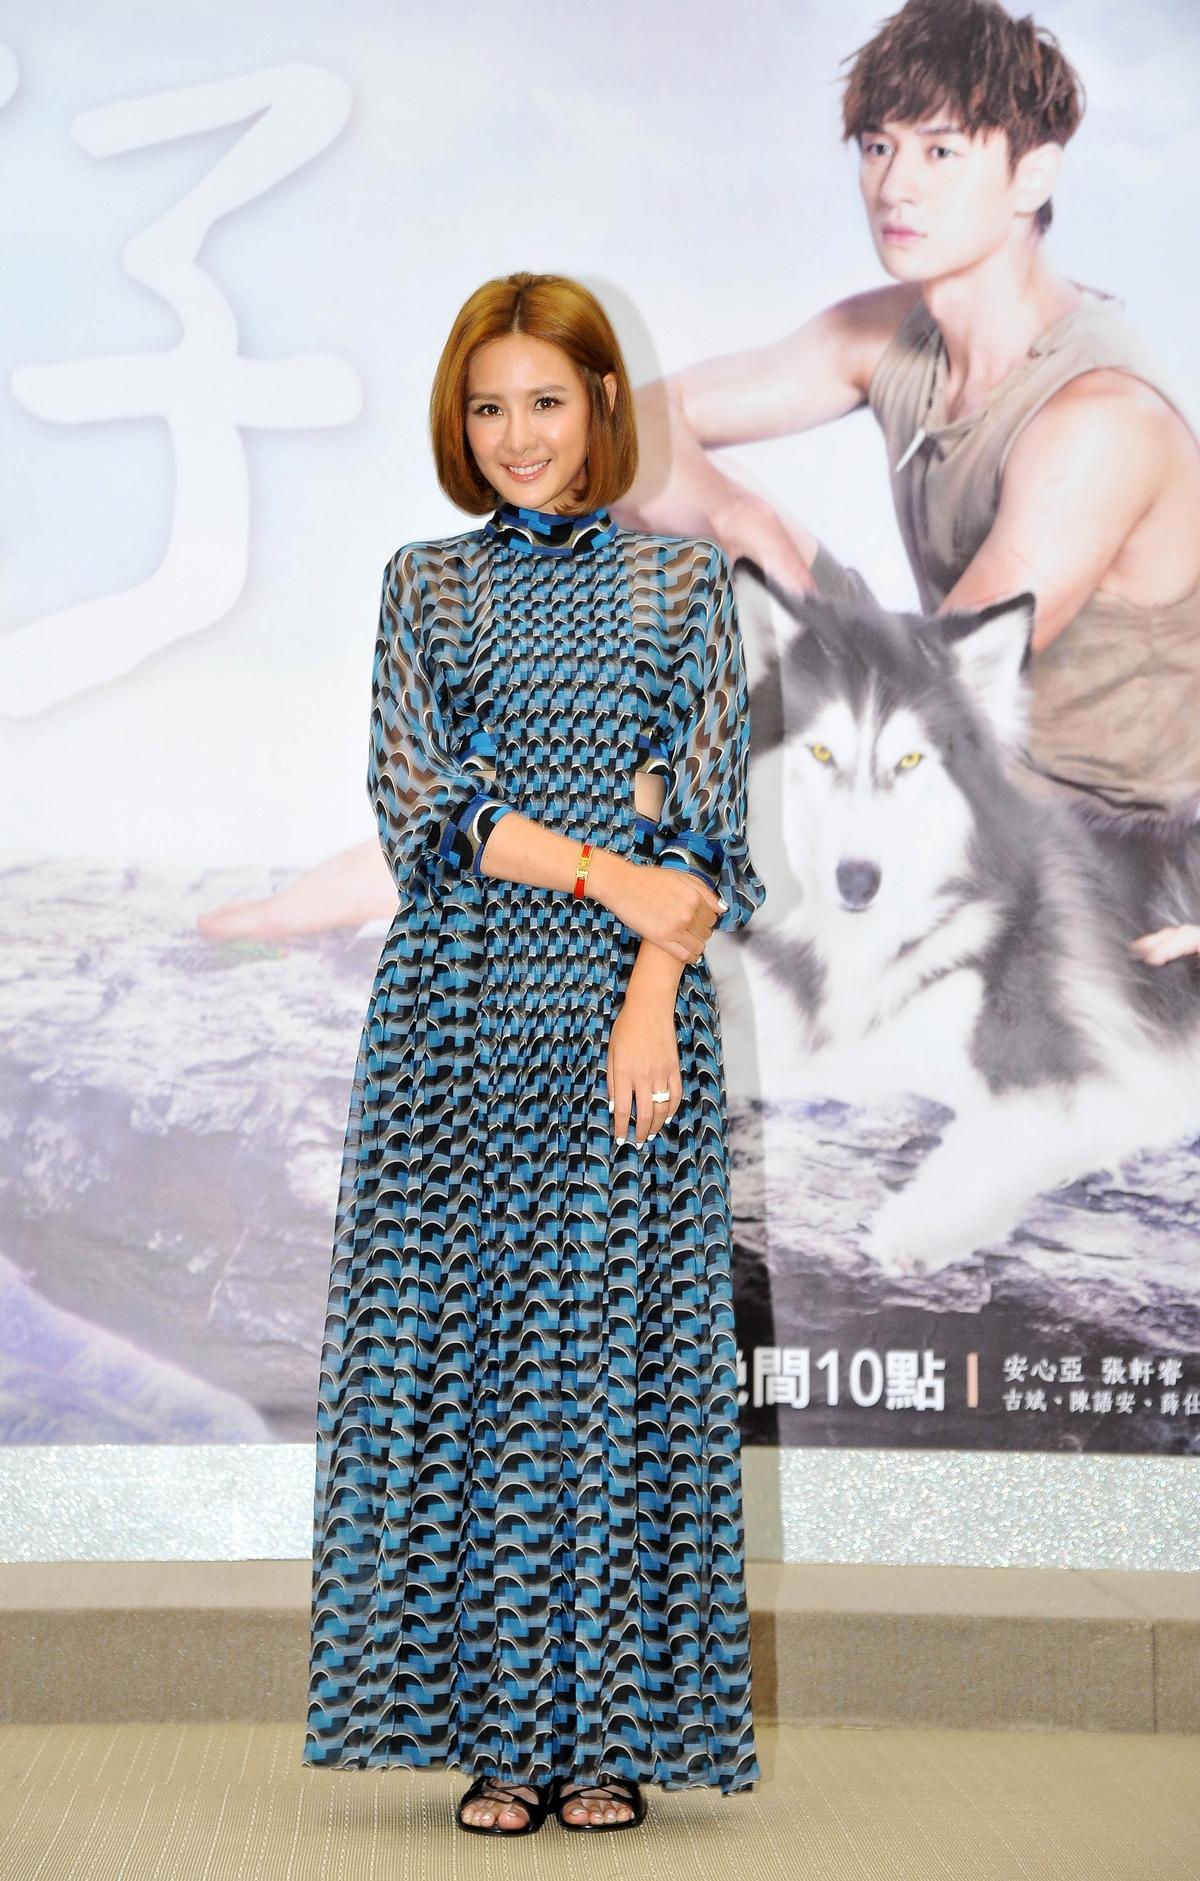 安心亞擔任戲劇《狼王子》女主角